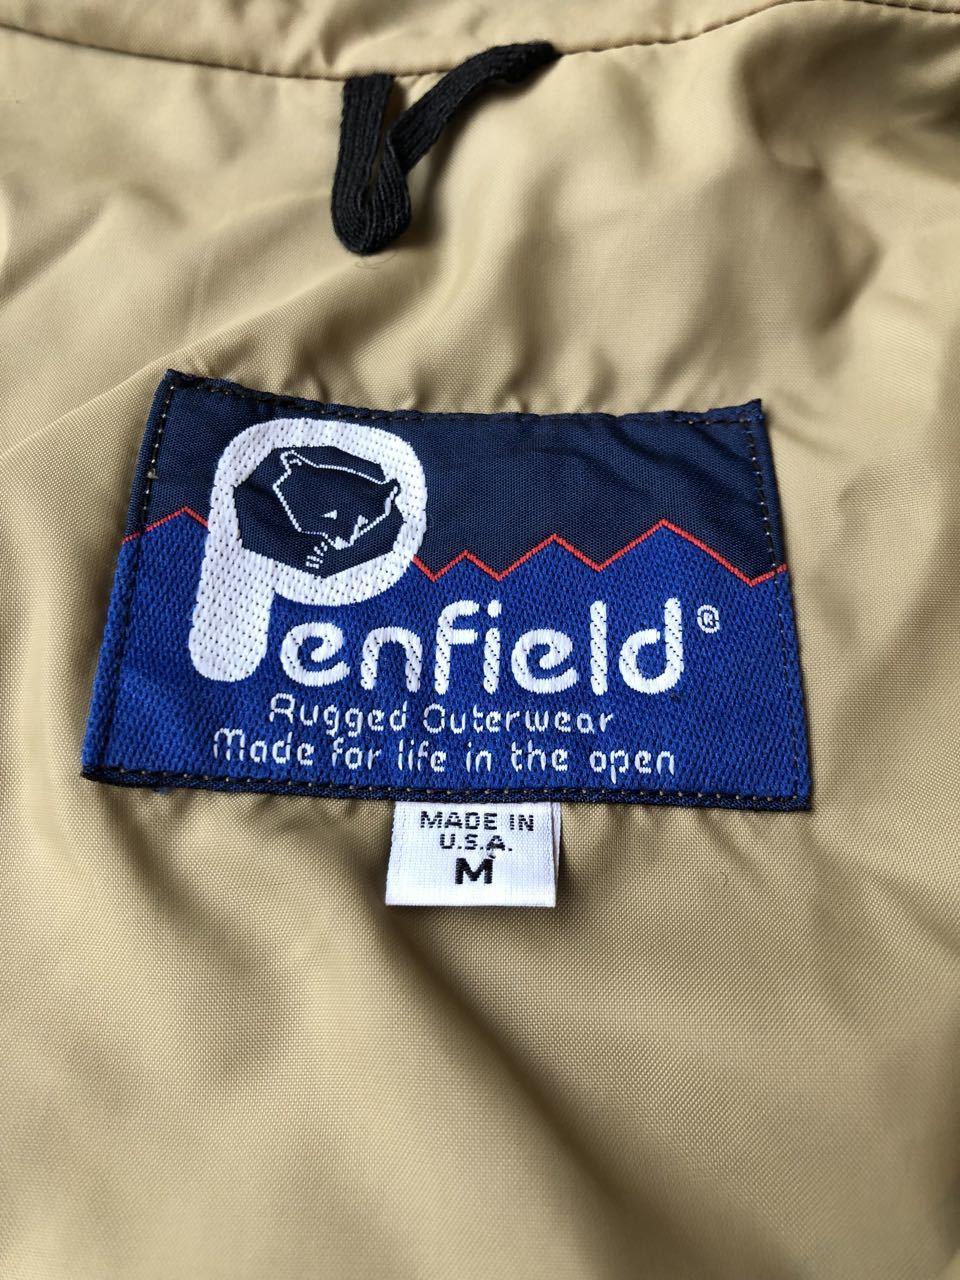 12月19日(木)入荷!90s MADE IN U.S.A Penfield マウンテンパーカー_c0144020_13561359.jpg